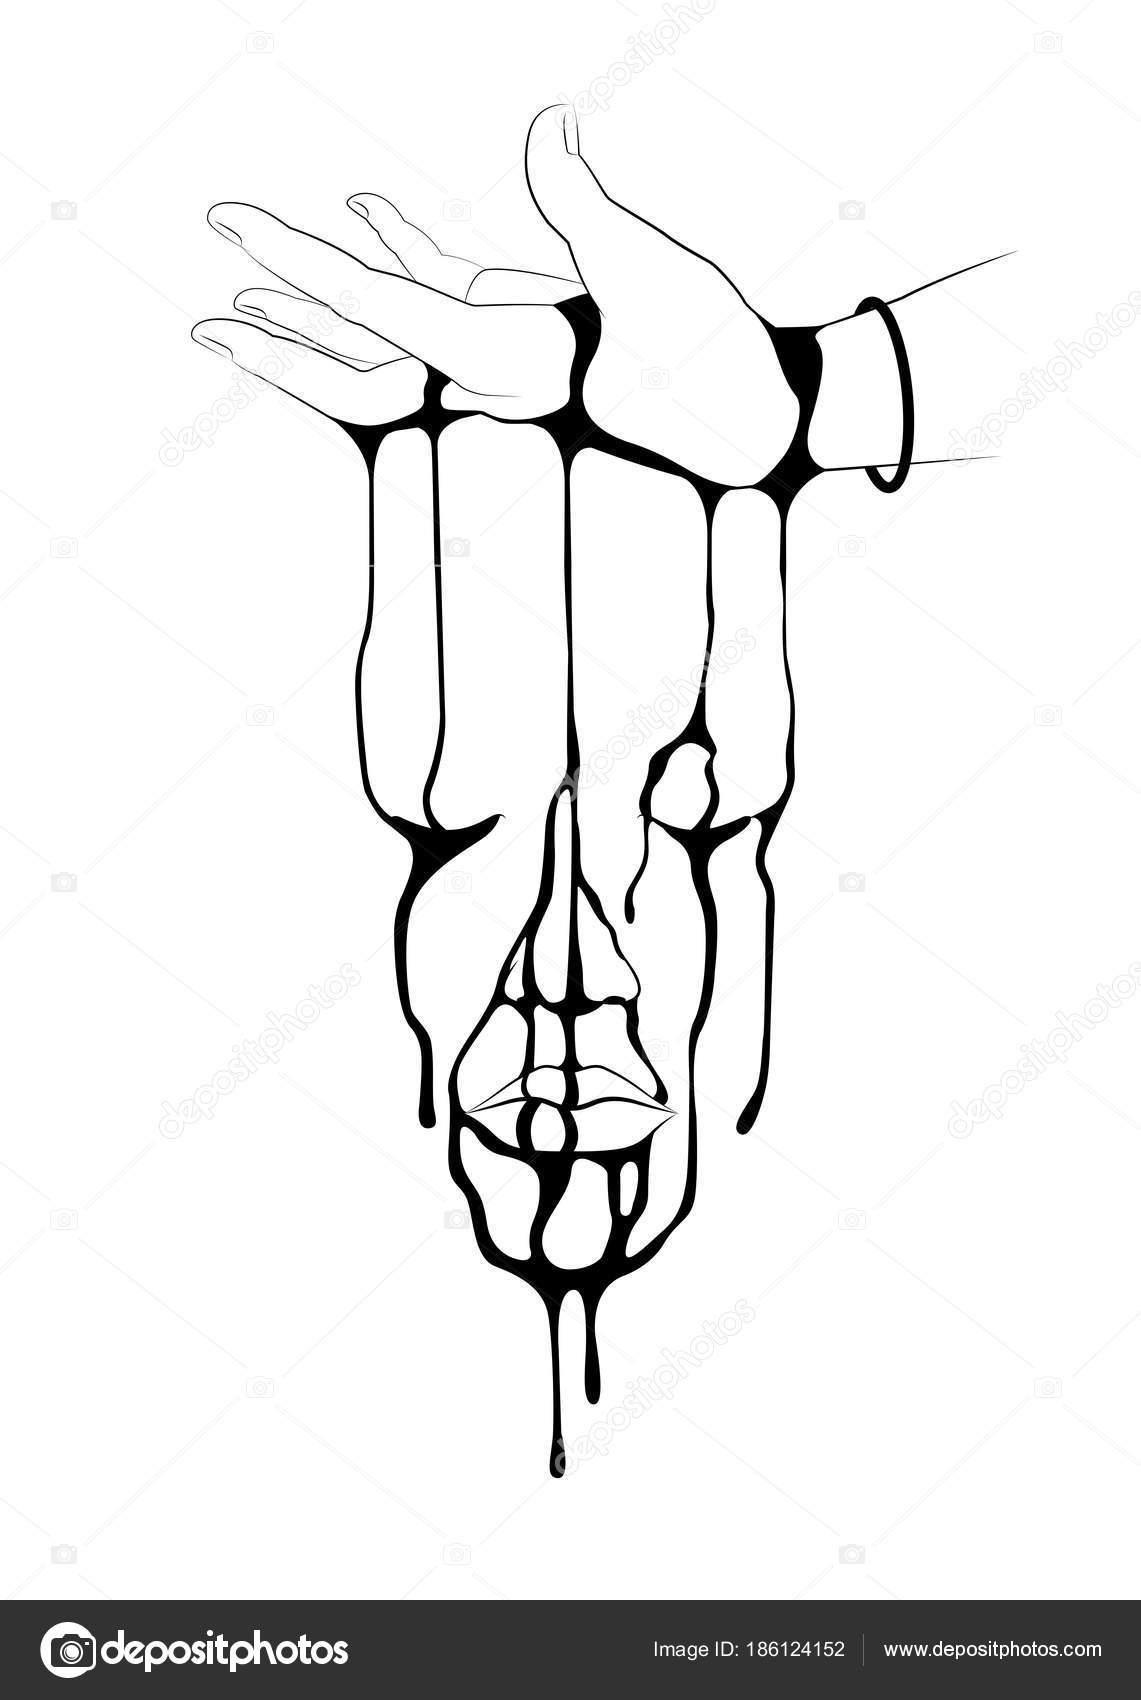 下出血を逆さまの手のライン アートのイラスト顔の形タトゥー